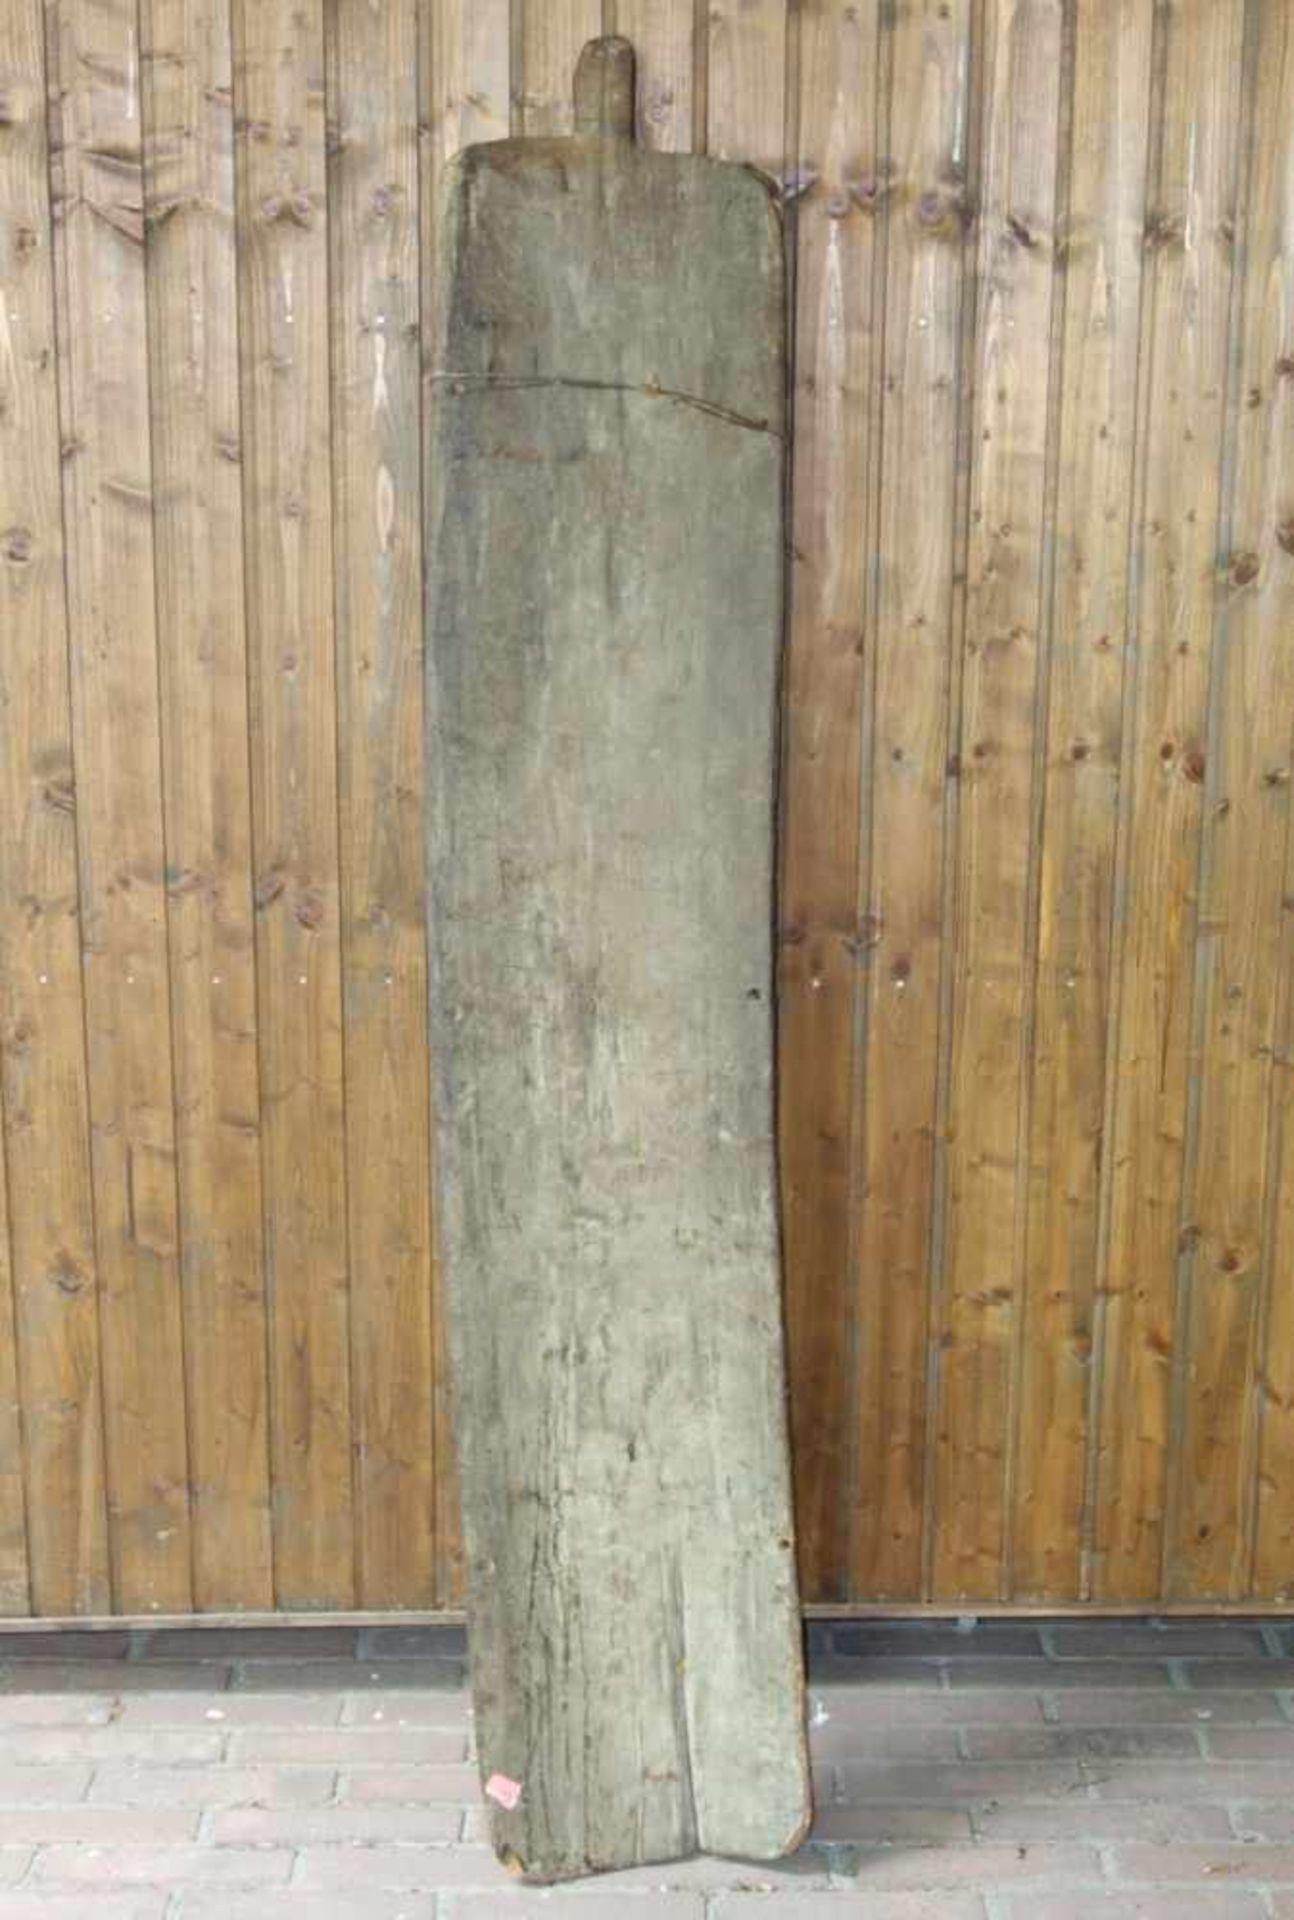 Los 116 - TANZSCHILD DER YATMÜL, Papua Neuguinea, Holz, geschnitzt und farbig gefasst, wohl 1. Hälfte des